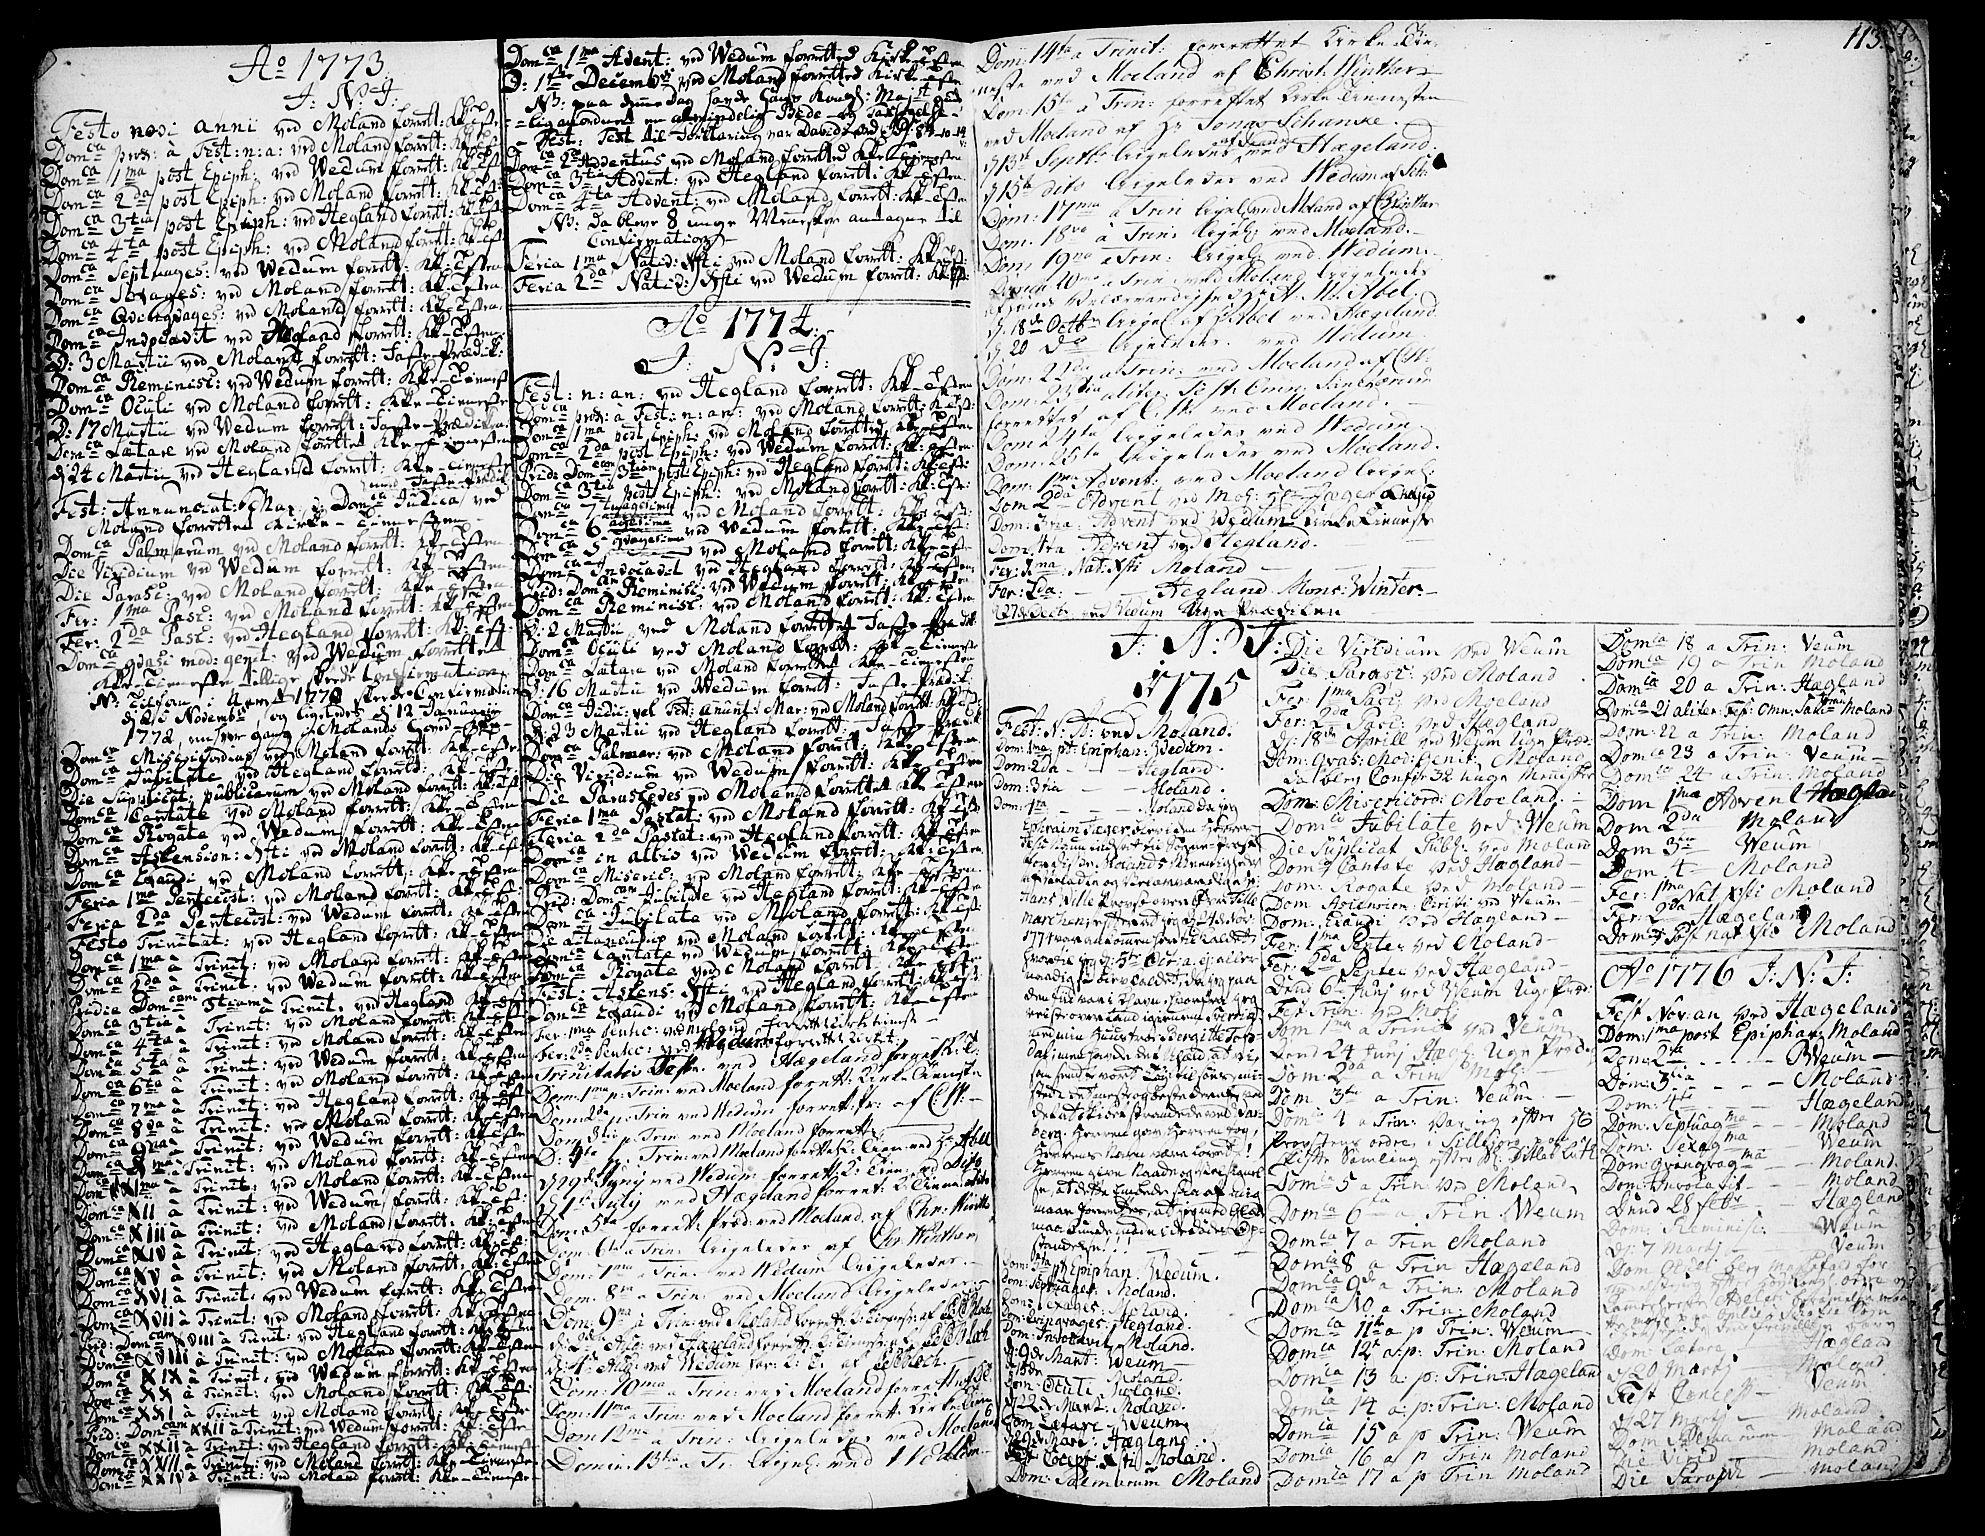 SAKO, Fyresdal kirkebøker, F/Fa/L0002: Ministerialbok nr. I 2, 1769-1814, s. 113